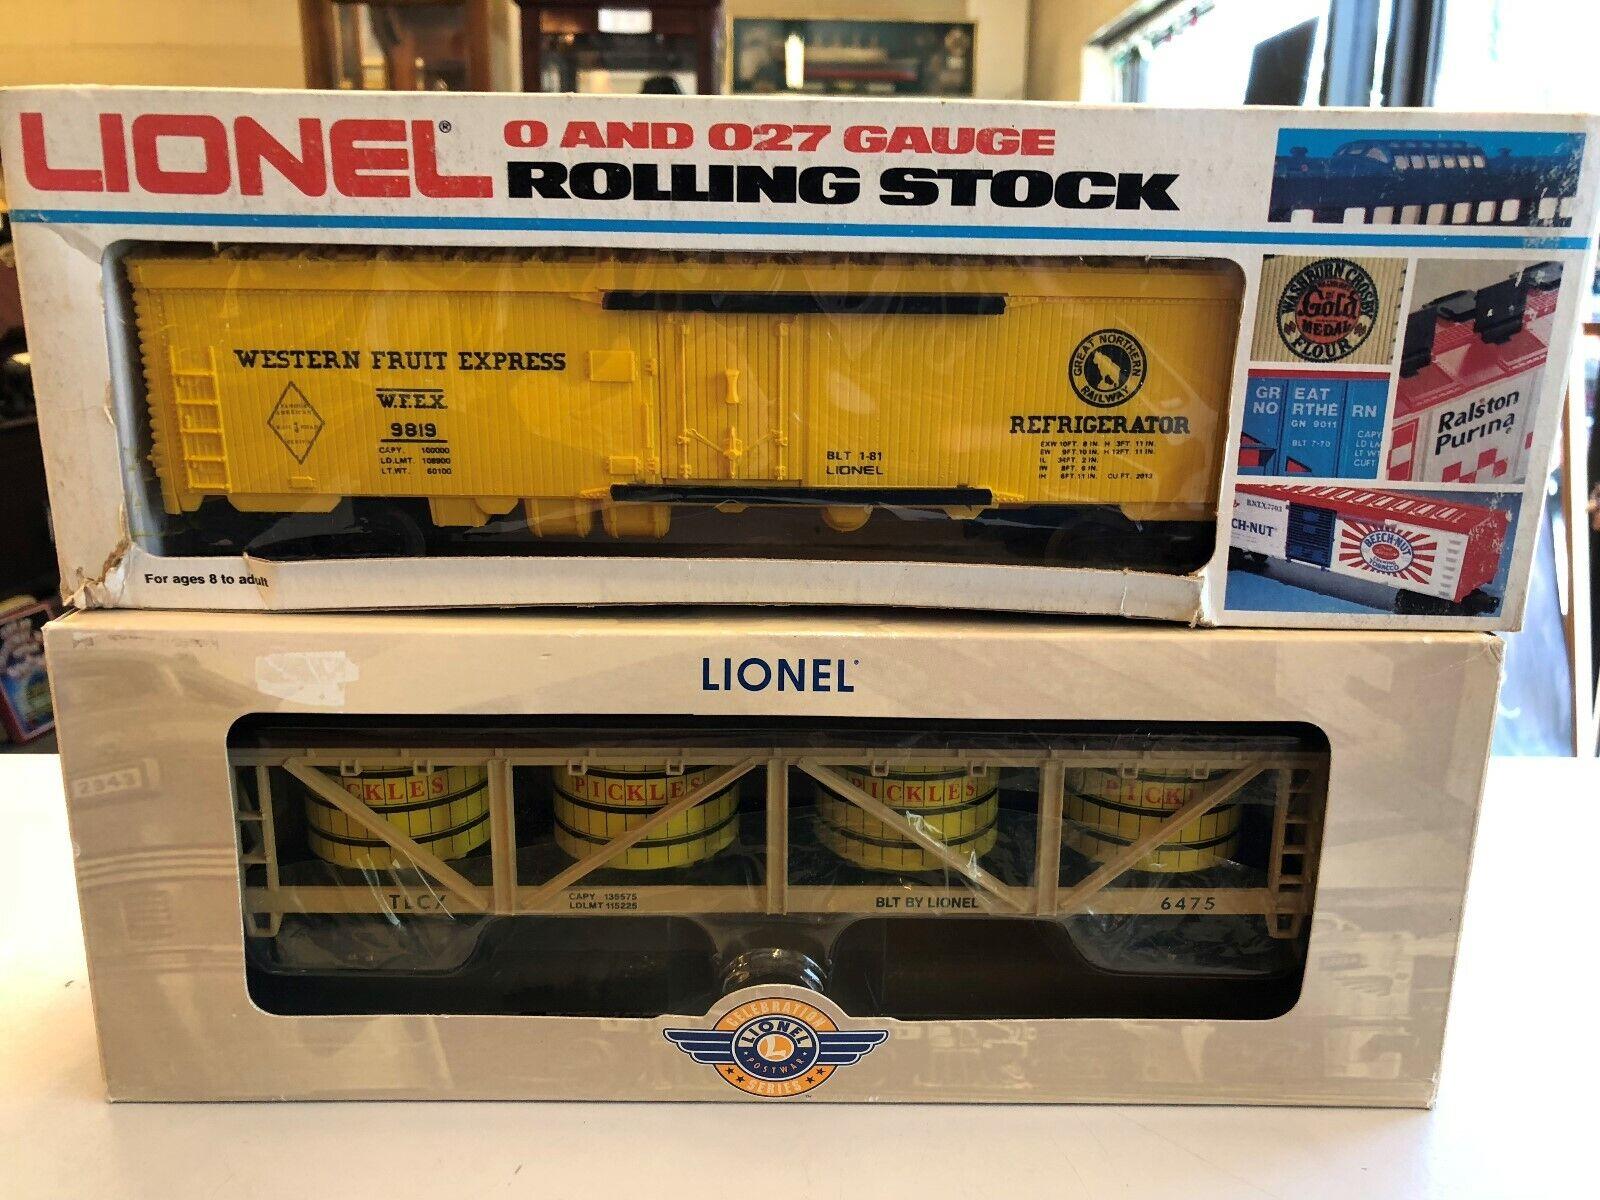 tienda de venta Lionel Lionel Lionel lrrc 39496 Post Guerra Serie Pickles IVA coche 6475 9819 Western fruta Hierba  descuentos y mas